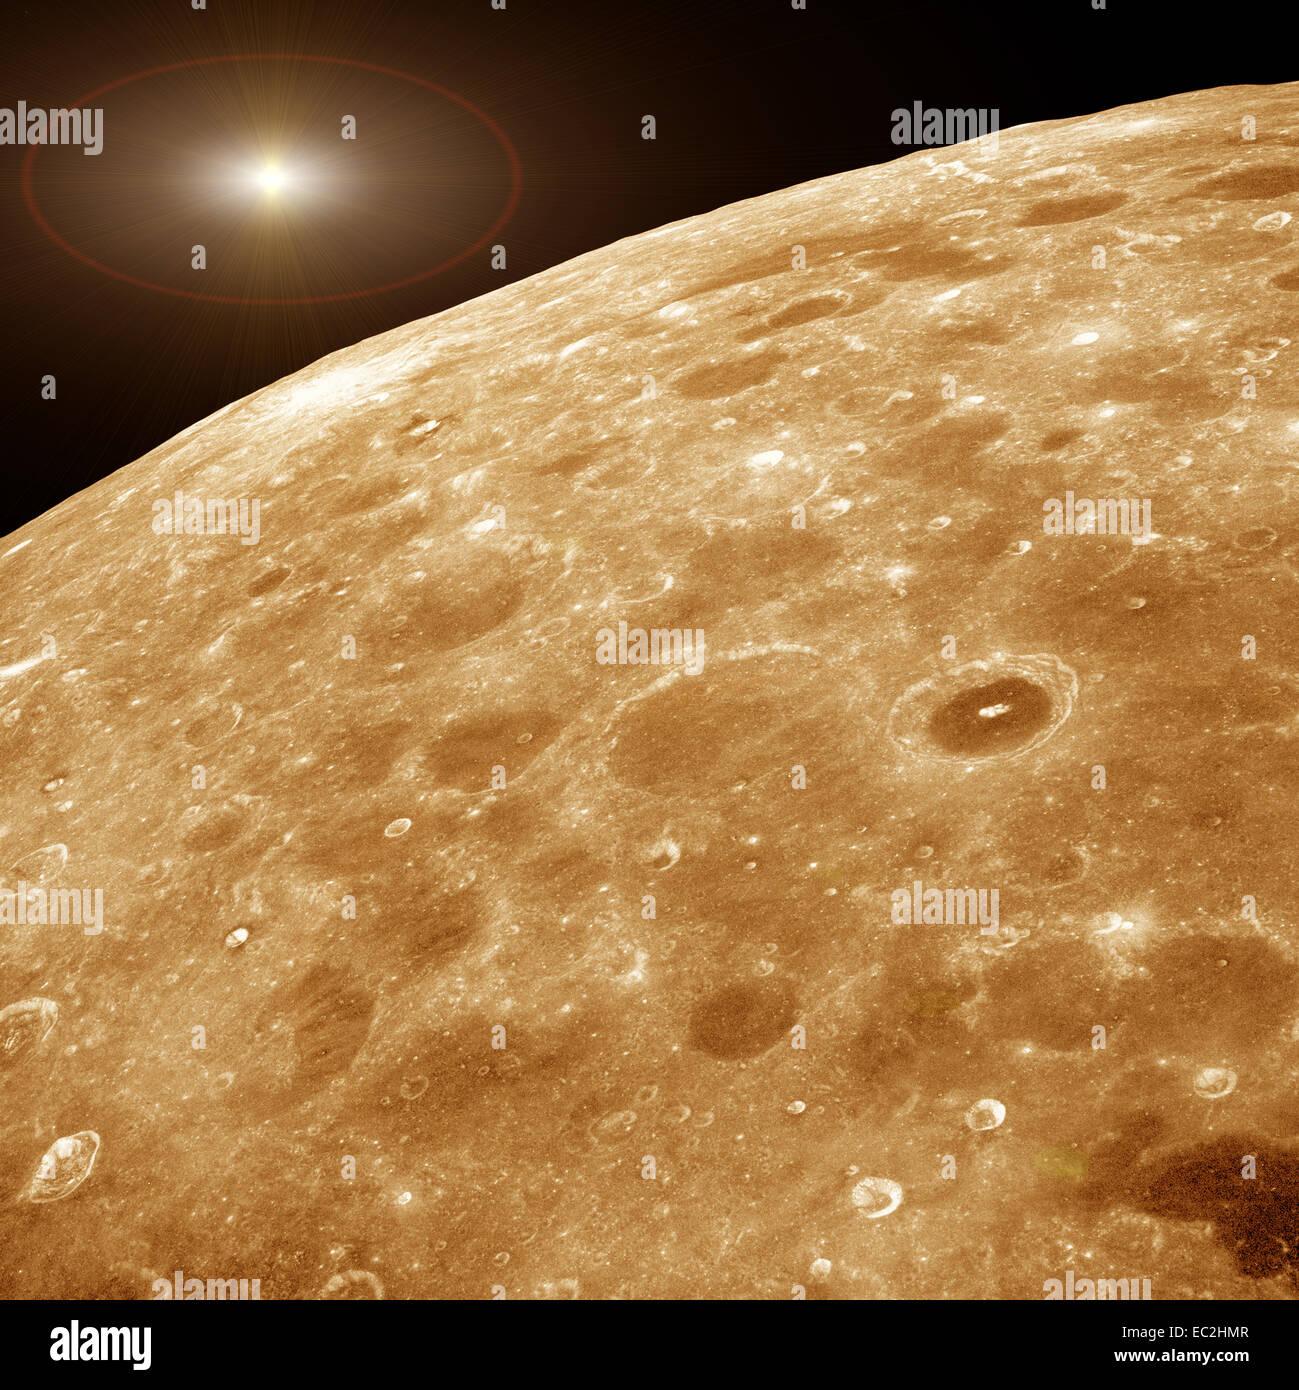 fernen Stern und Nahaufnahme der Mondoberfläche Stockbild